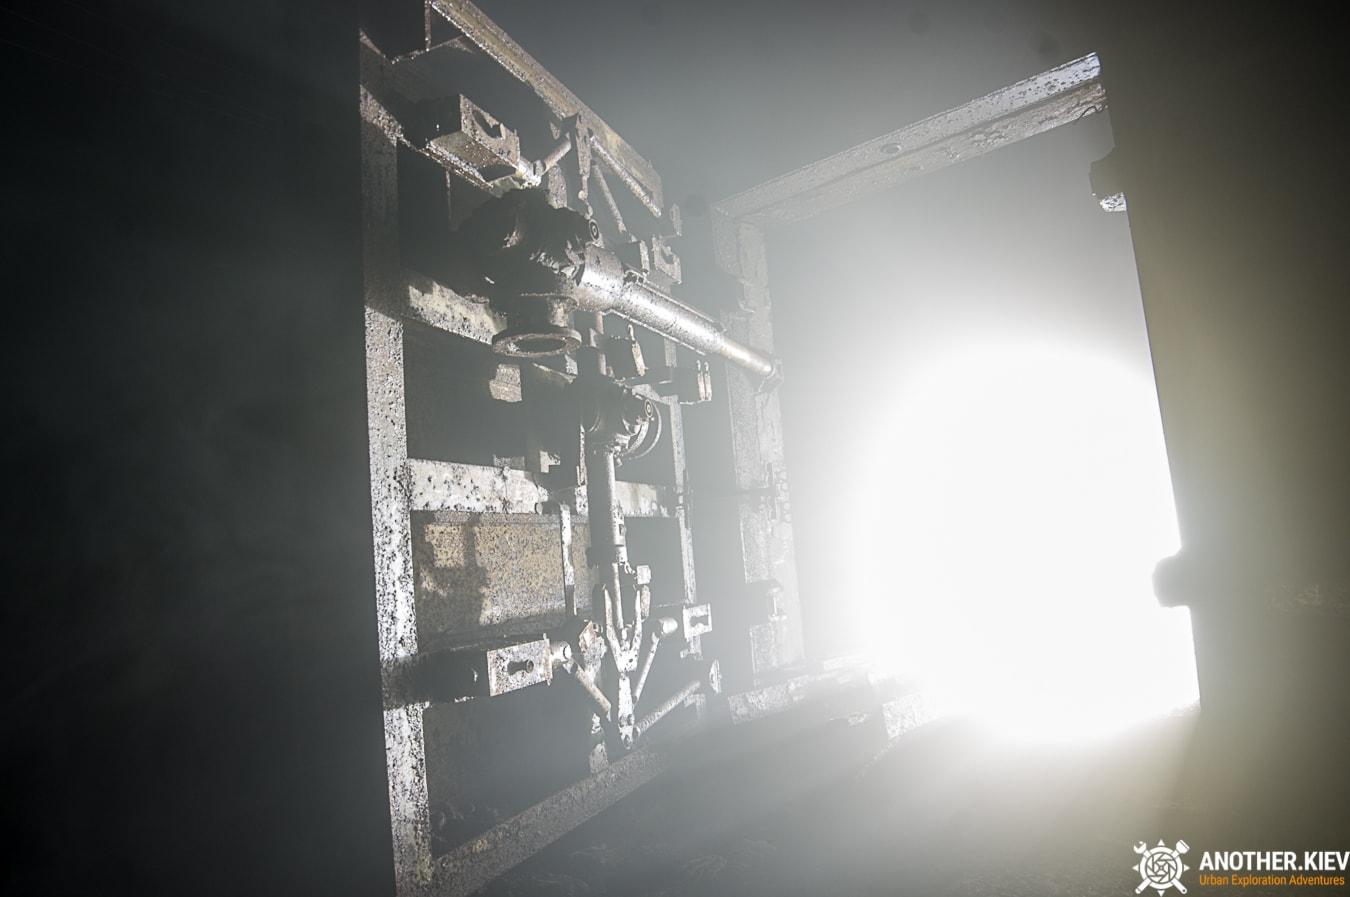 unfinished-abandoned-diesel-power-station-bunker-0470-min Недостроенная и заброшенная дизельная электростанция в киевском метро